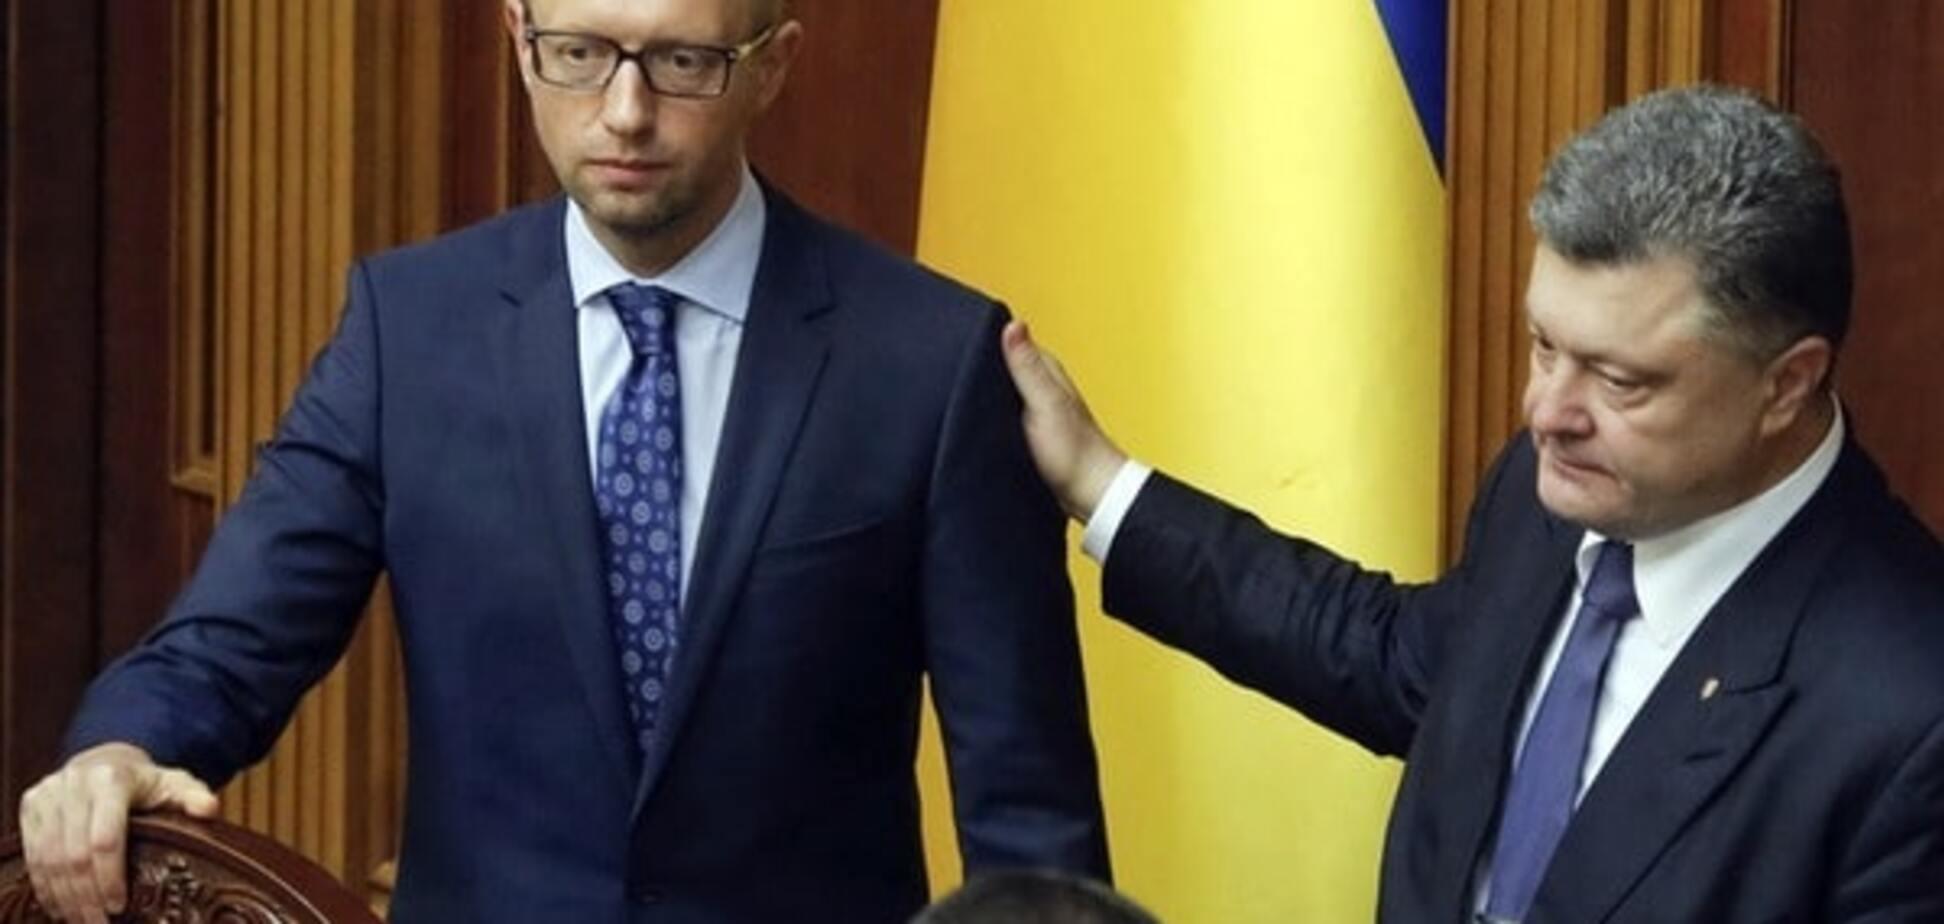 Украина будет благодарна: Порошенко предложили обменять Савченко на Яценюка